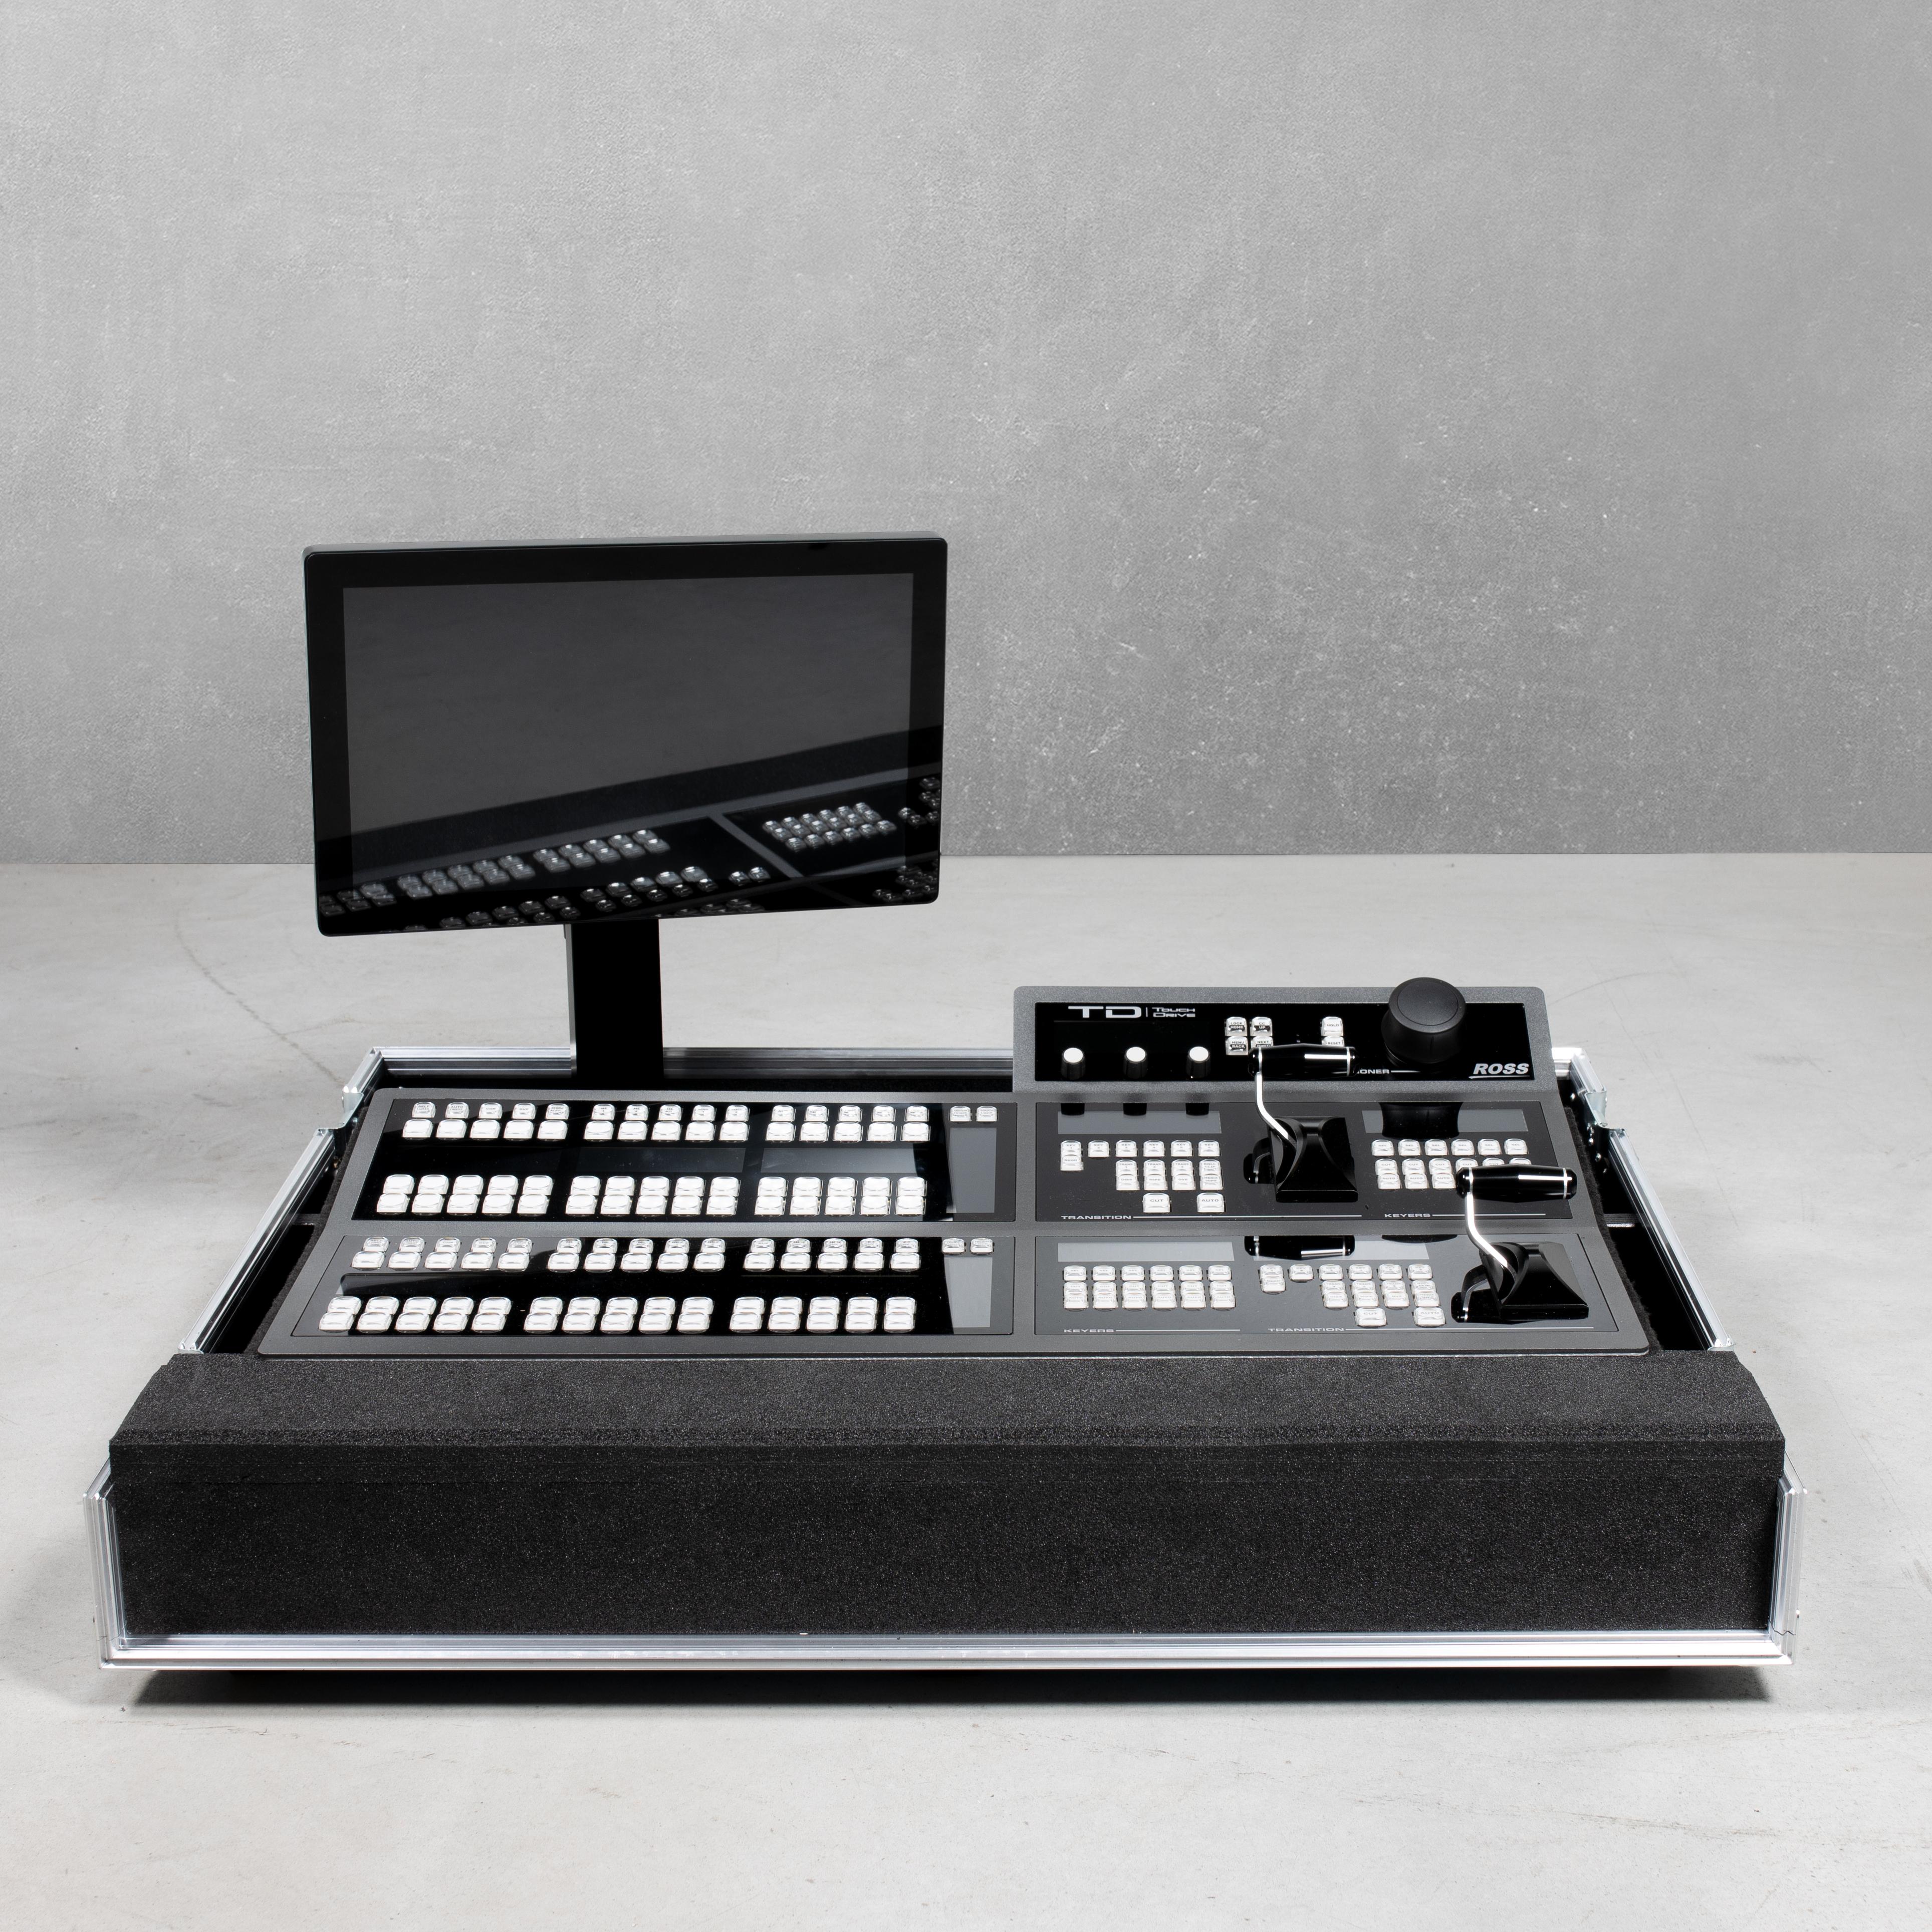 Haubencase für ein Ross Carbonite TouchDrive2 mit Monitor